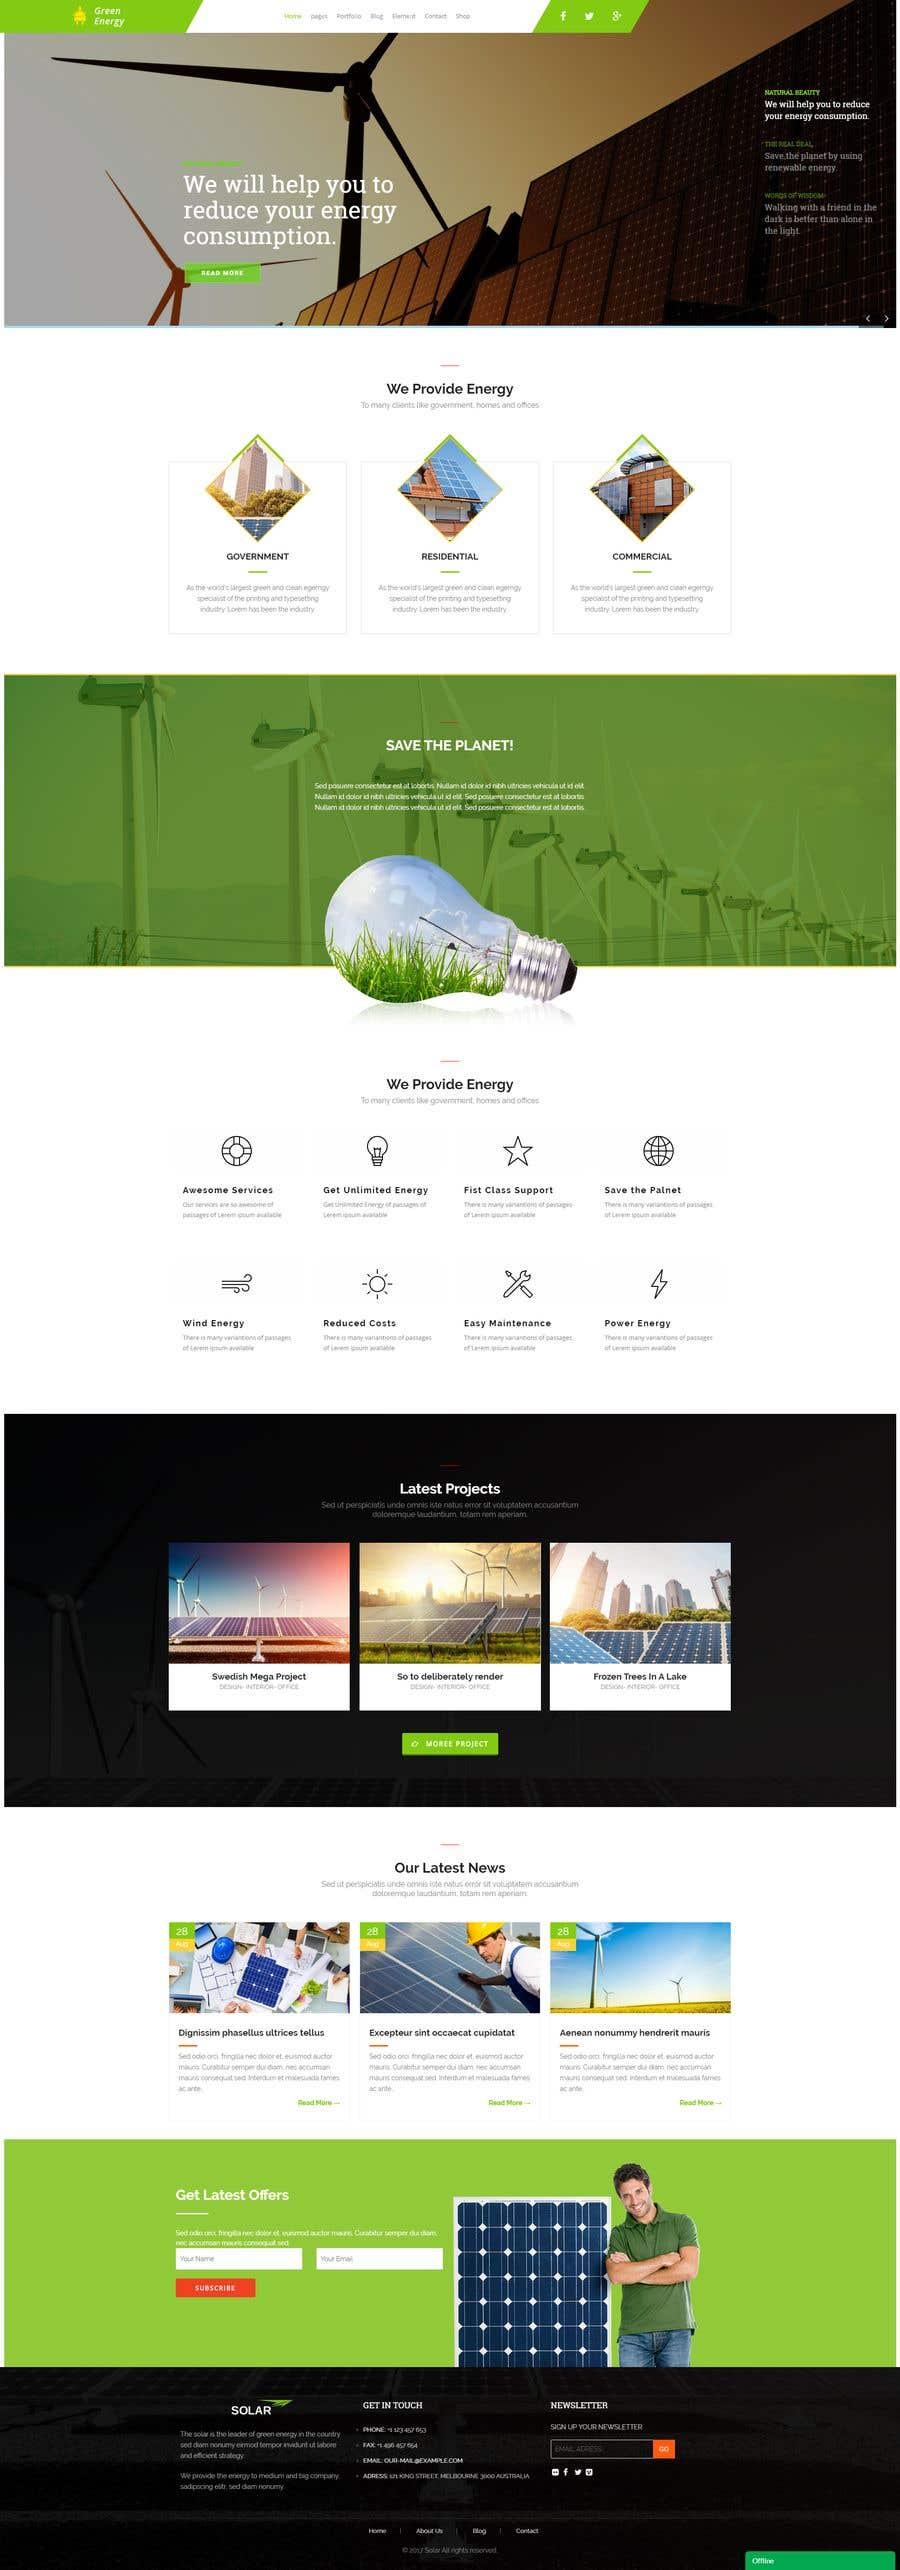 Penyertaan Peraduan #37 untuk wordpress theme design for battery and lighting subject